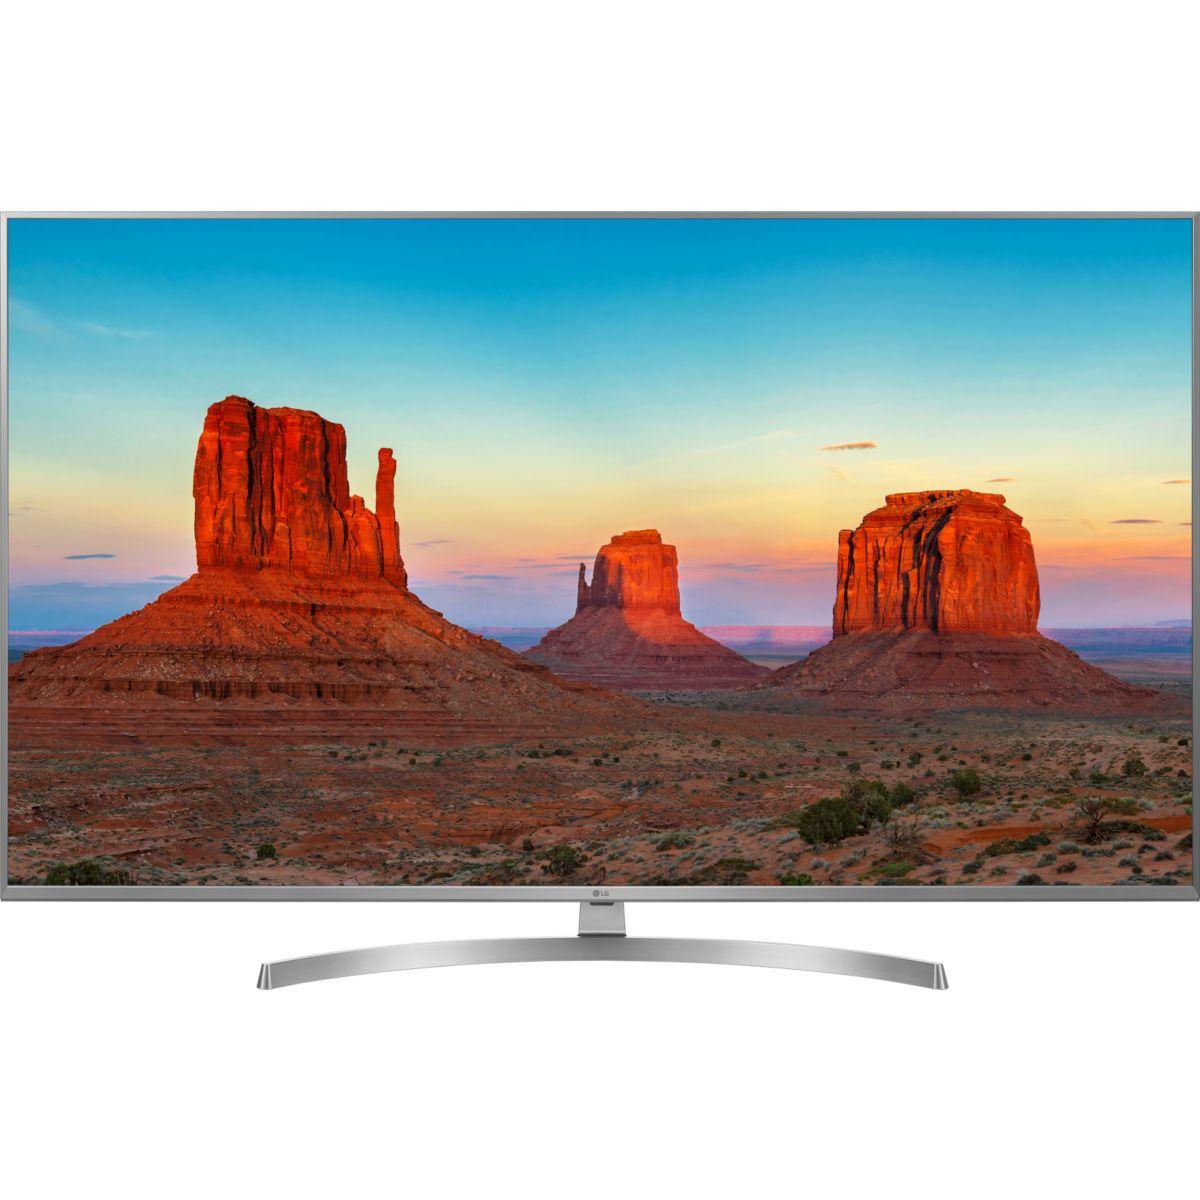 Tv nano cell lg 49uk7550 - livraison offerte : code premium (photo)